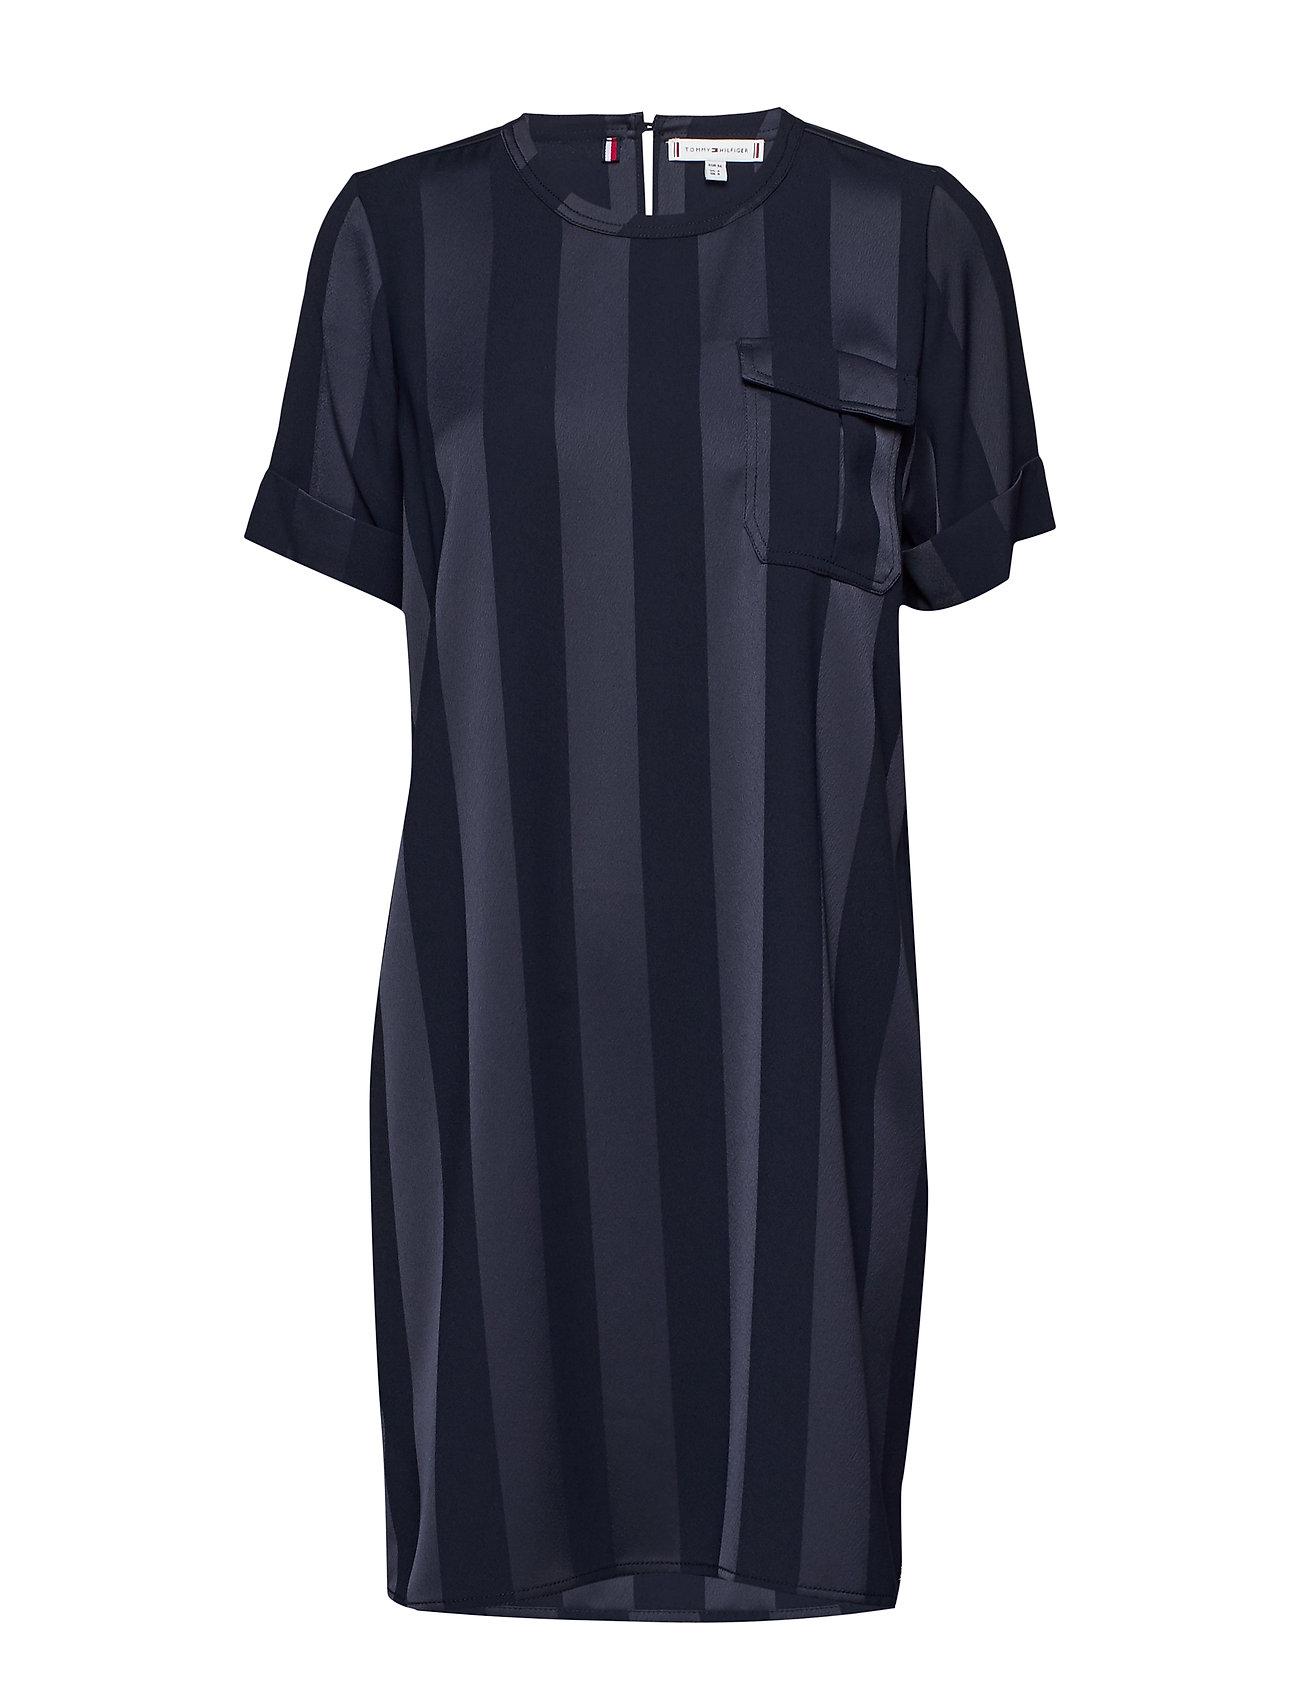 Tommy Hilfiger FIFI DRESS SS - DESERT SKY